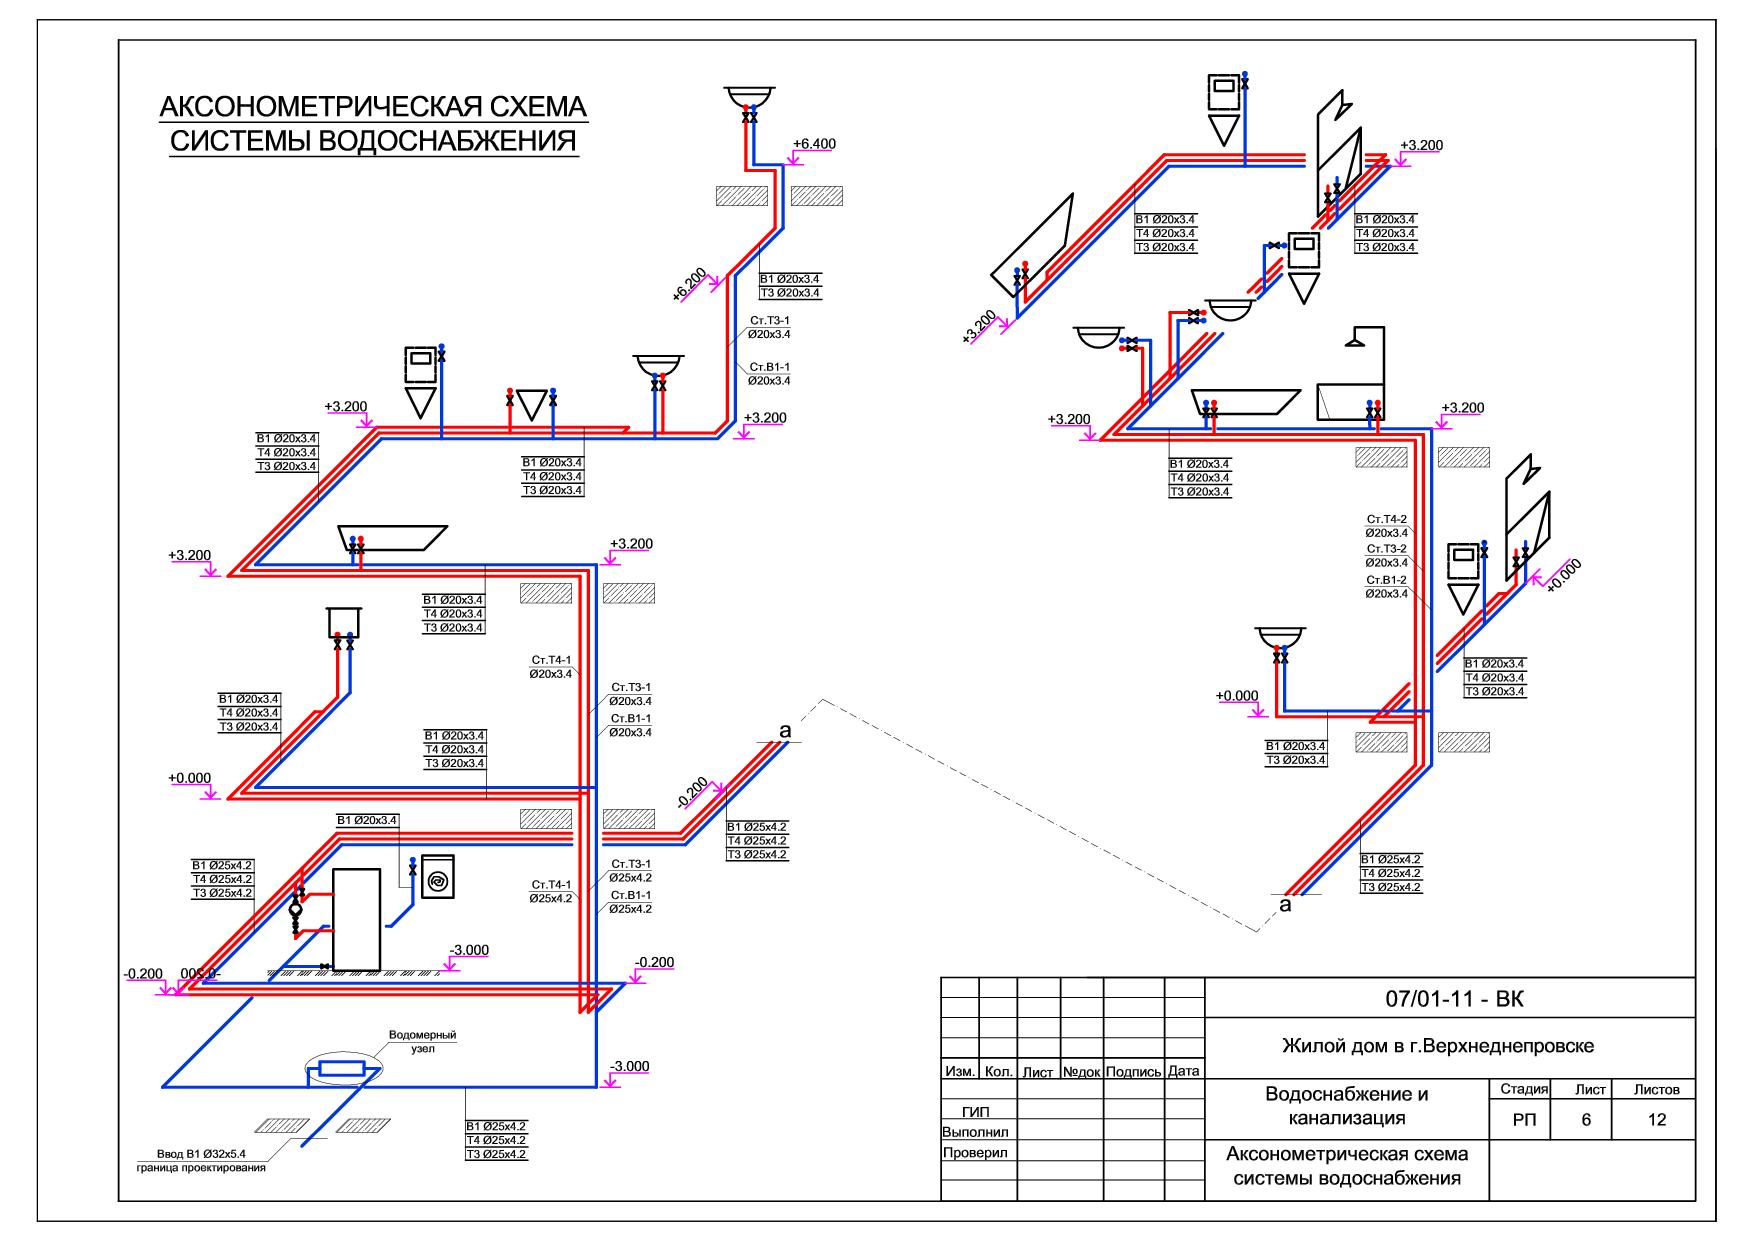 Как рисовать схему трубопроводов